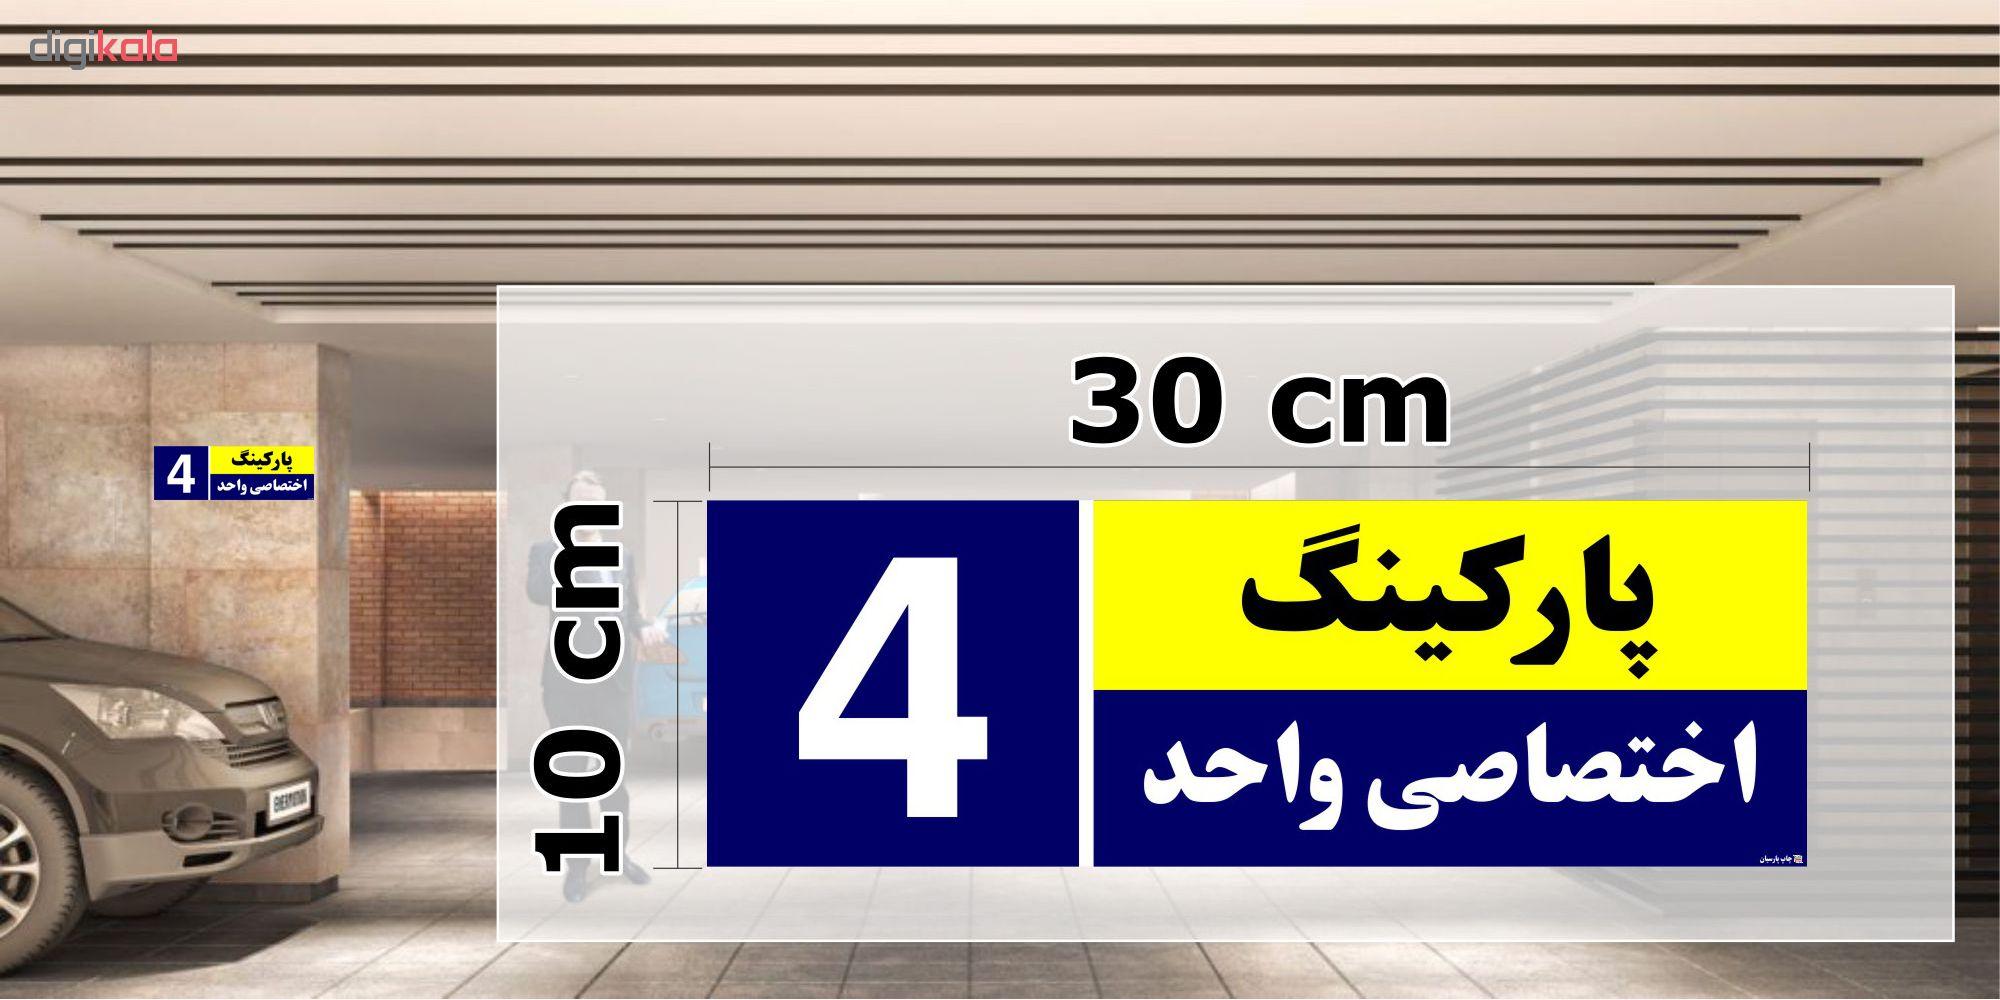 تابلو نشانگر چاپ پارسیان طرح شماره پارکینگ اختصاصی واحد 4